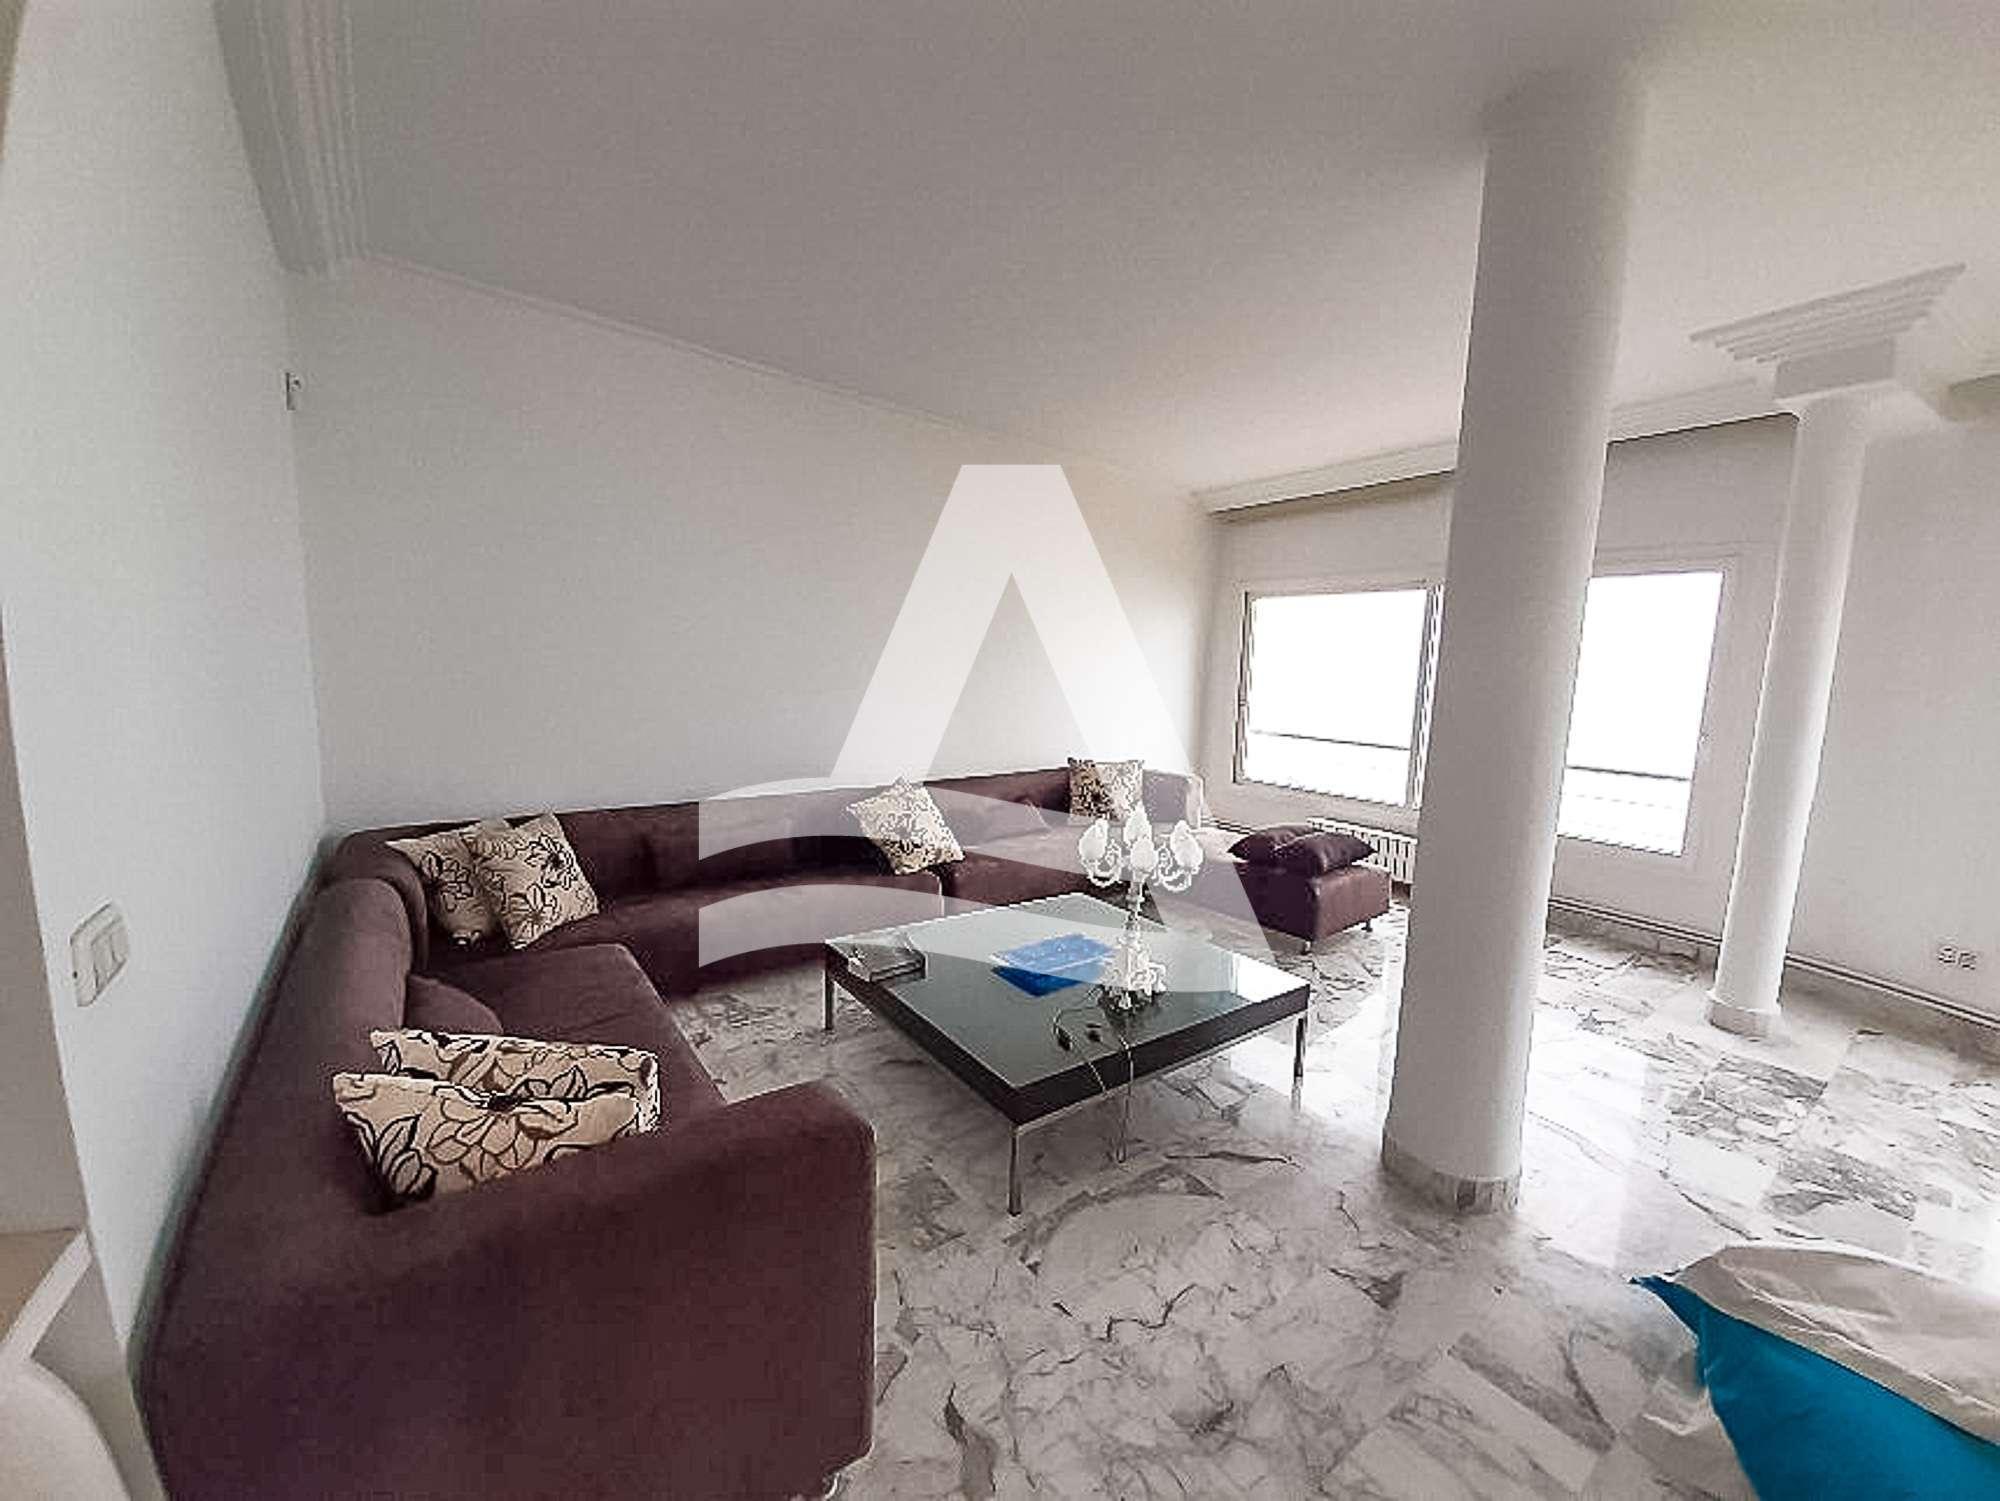 httpss3.amazonaws.comlogimoaws11136177381621933377_Arcane_immobilière_la_Marsa-_location_-_vente_la_marsa__-8_1578559453862-1